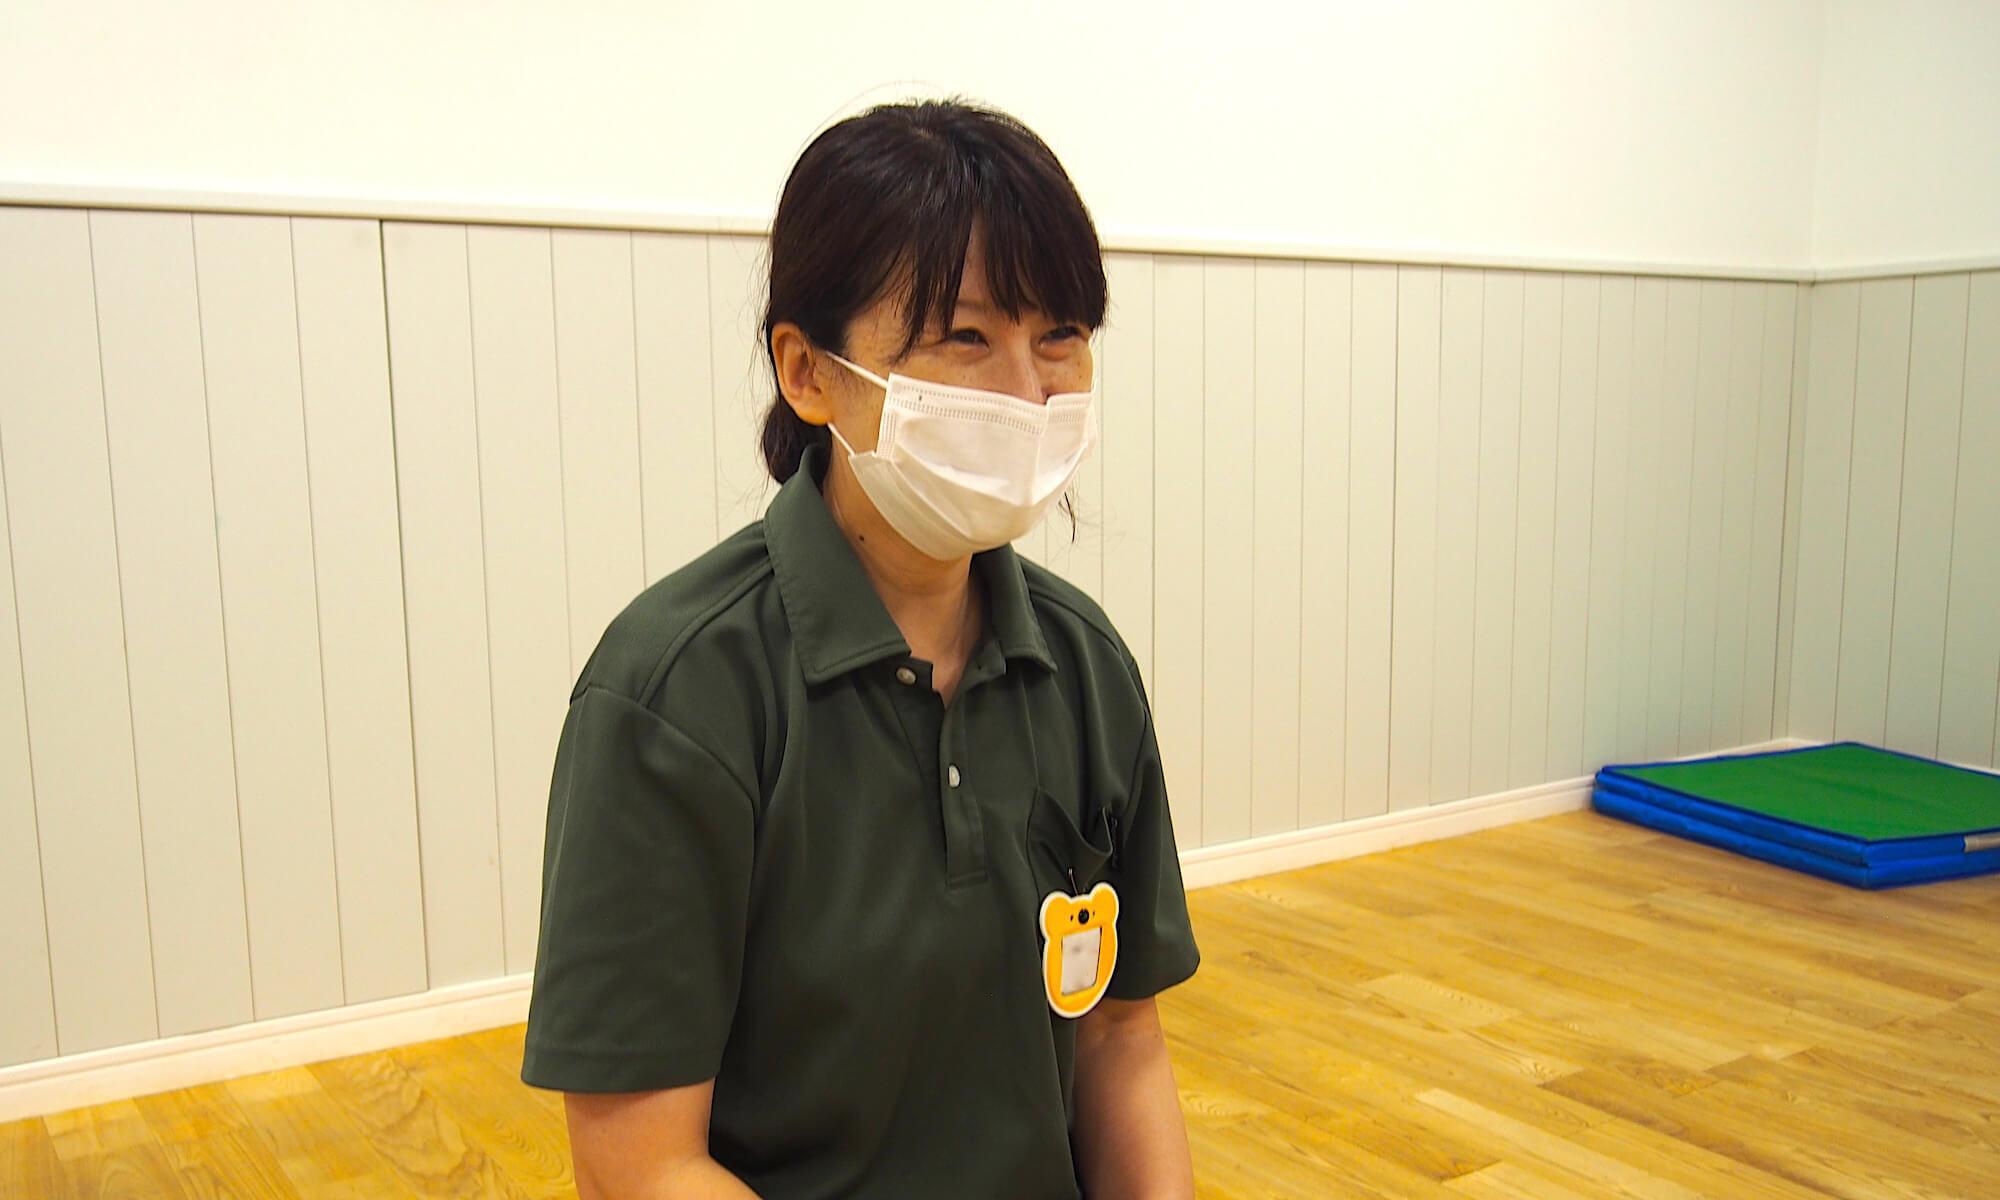 吉祥寺ルームで青空保育を主導している三浦さん